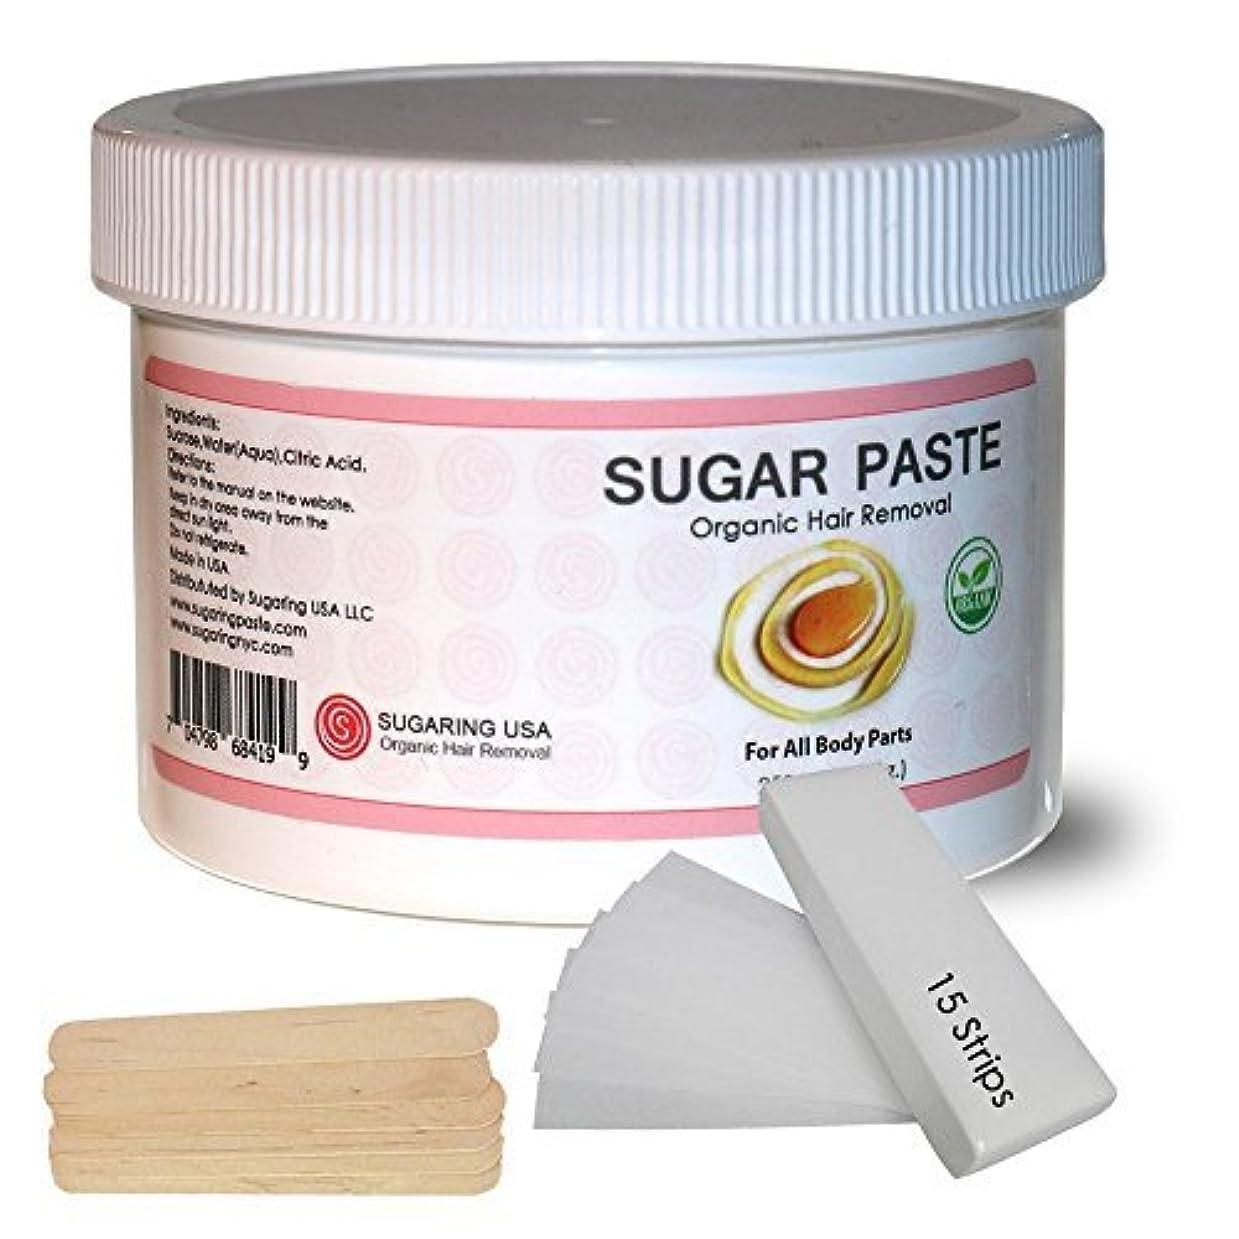 郡望み大工Sugaring Hair Removal Paste at Home Kit - (Strips Applicator Sticks) Large350g (12oz.) [並行輸入品]